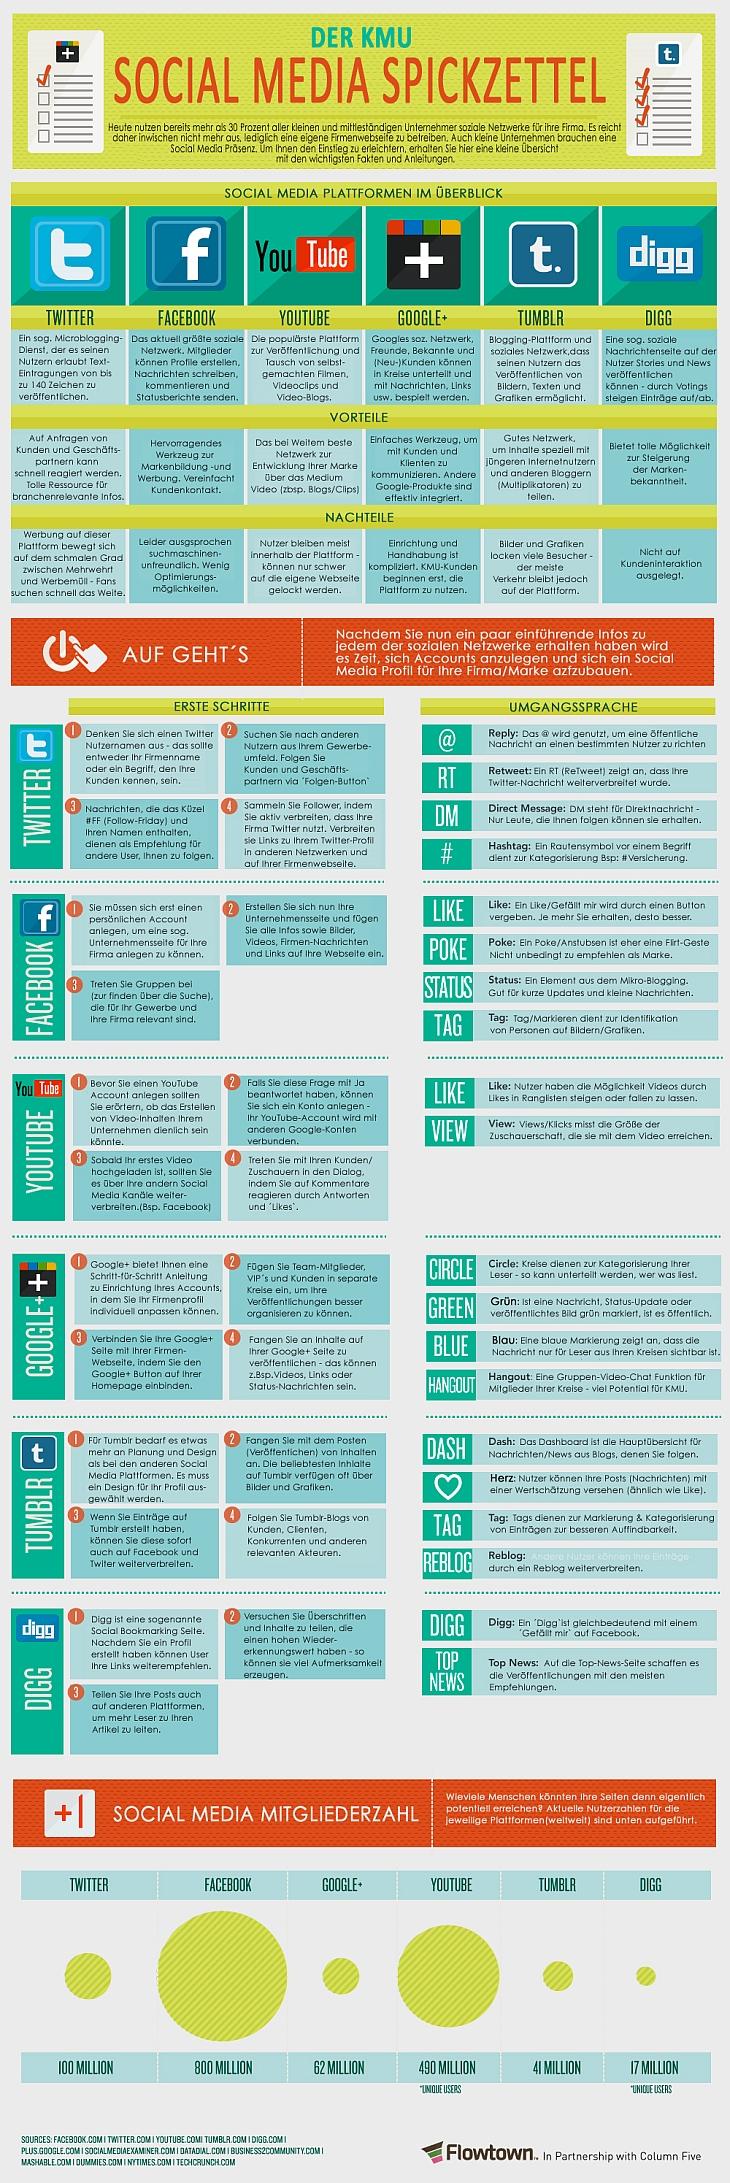 Social Media Spickzettel für KMU - by Flowtown und WinLocal